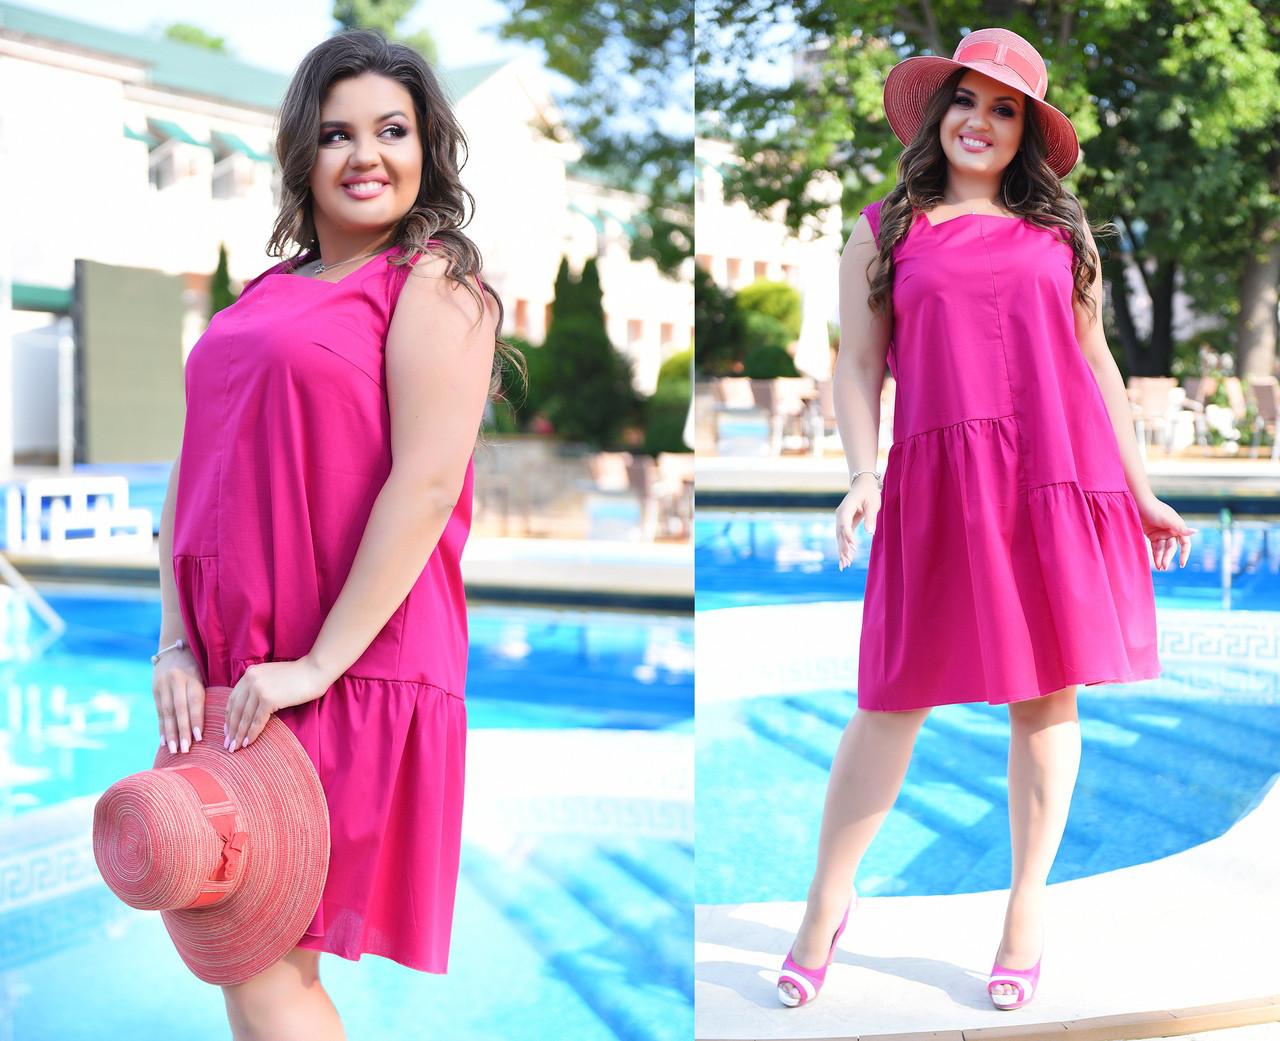 Платье больших размеров 46+  свободного кроя / 3 цвета арт 5923-217